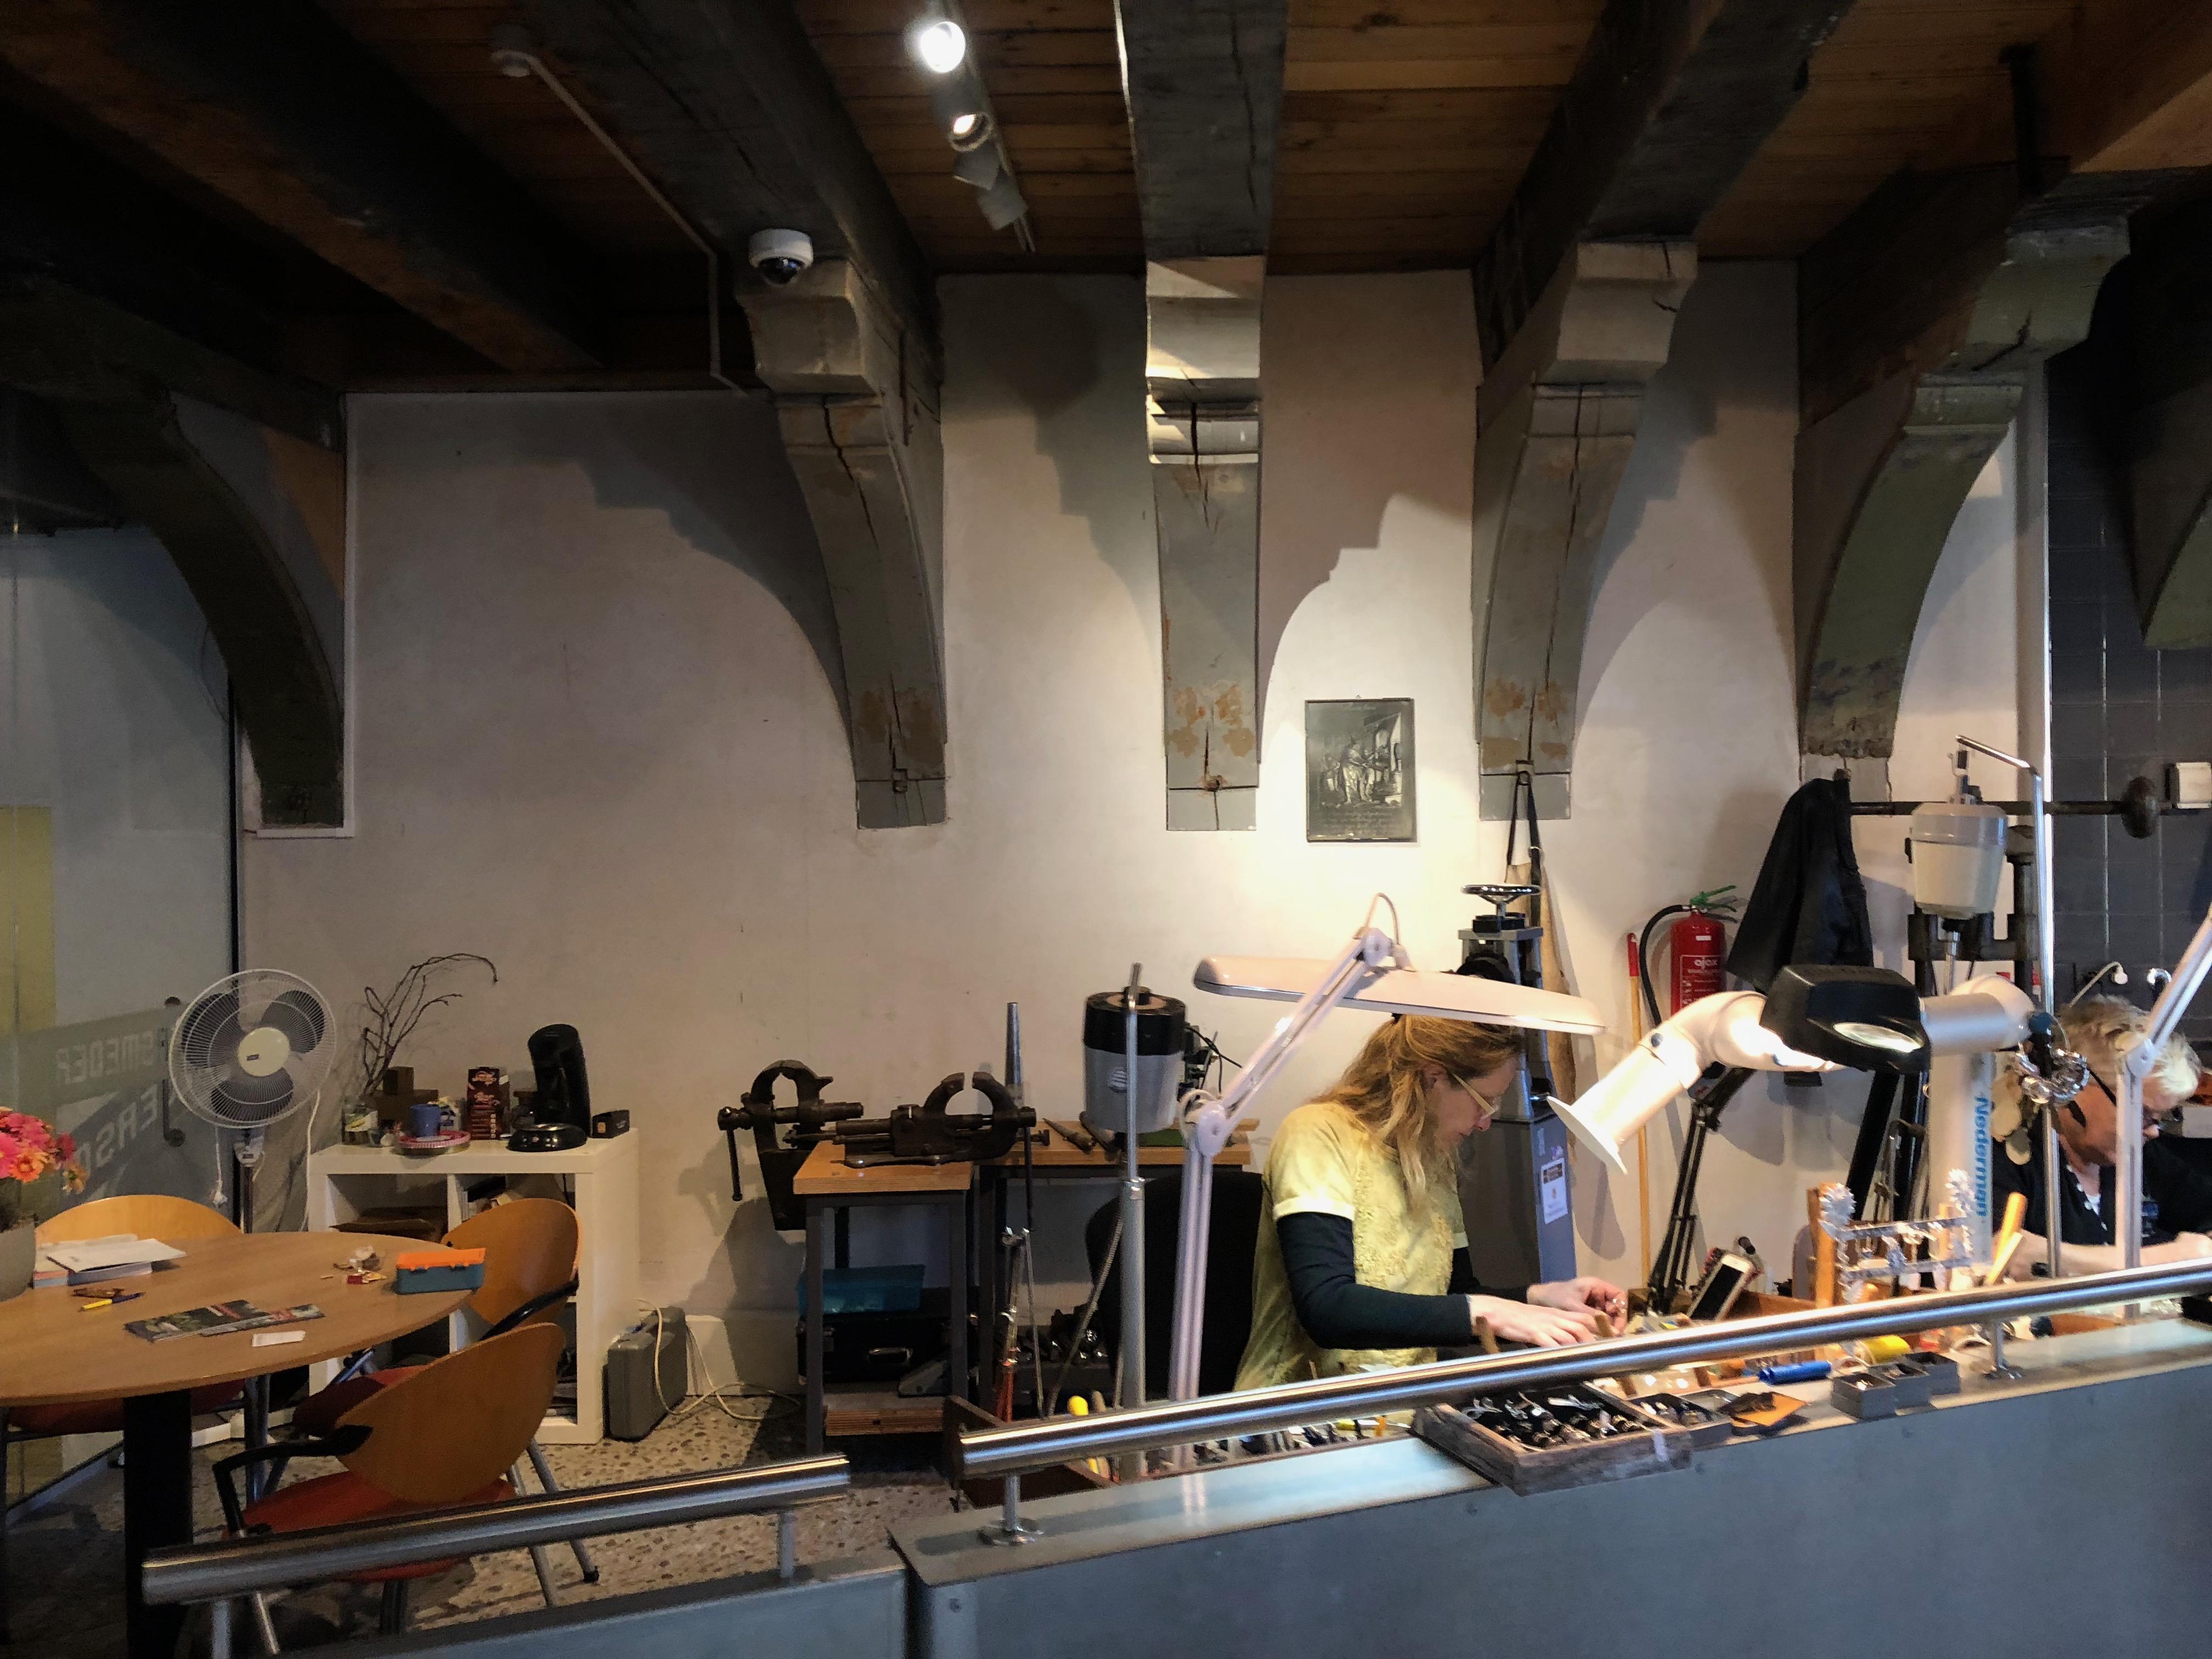 Zilvermuseum Schoonhoven, zilversmederij, 2019. Foto Hanno Lans, werkbank, gereedschap